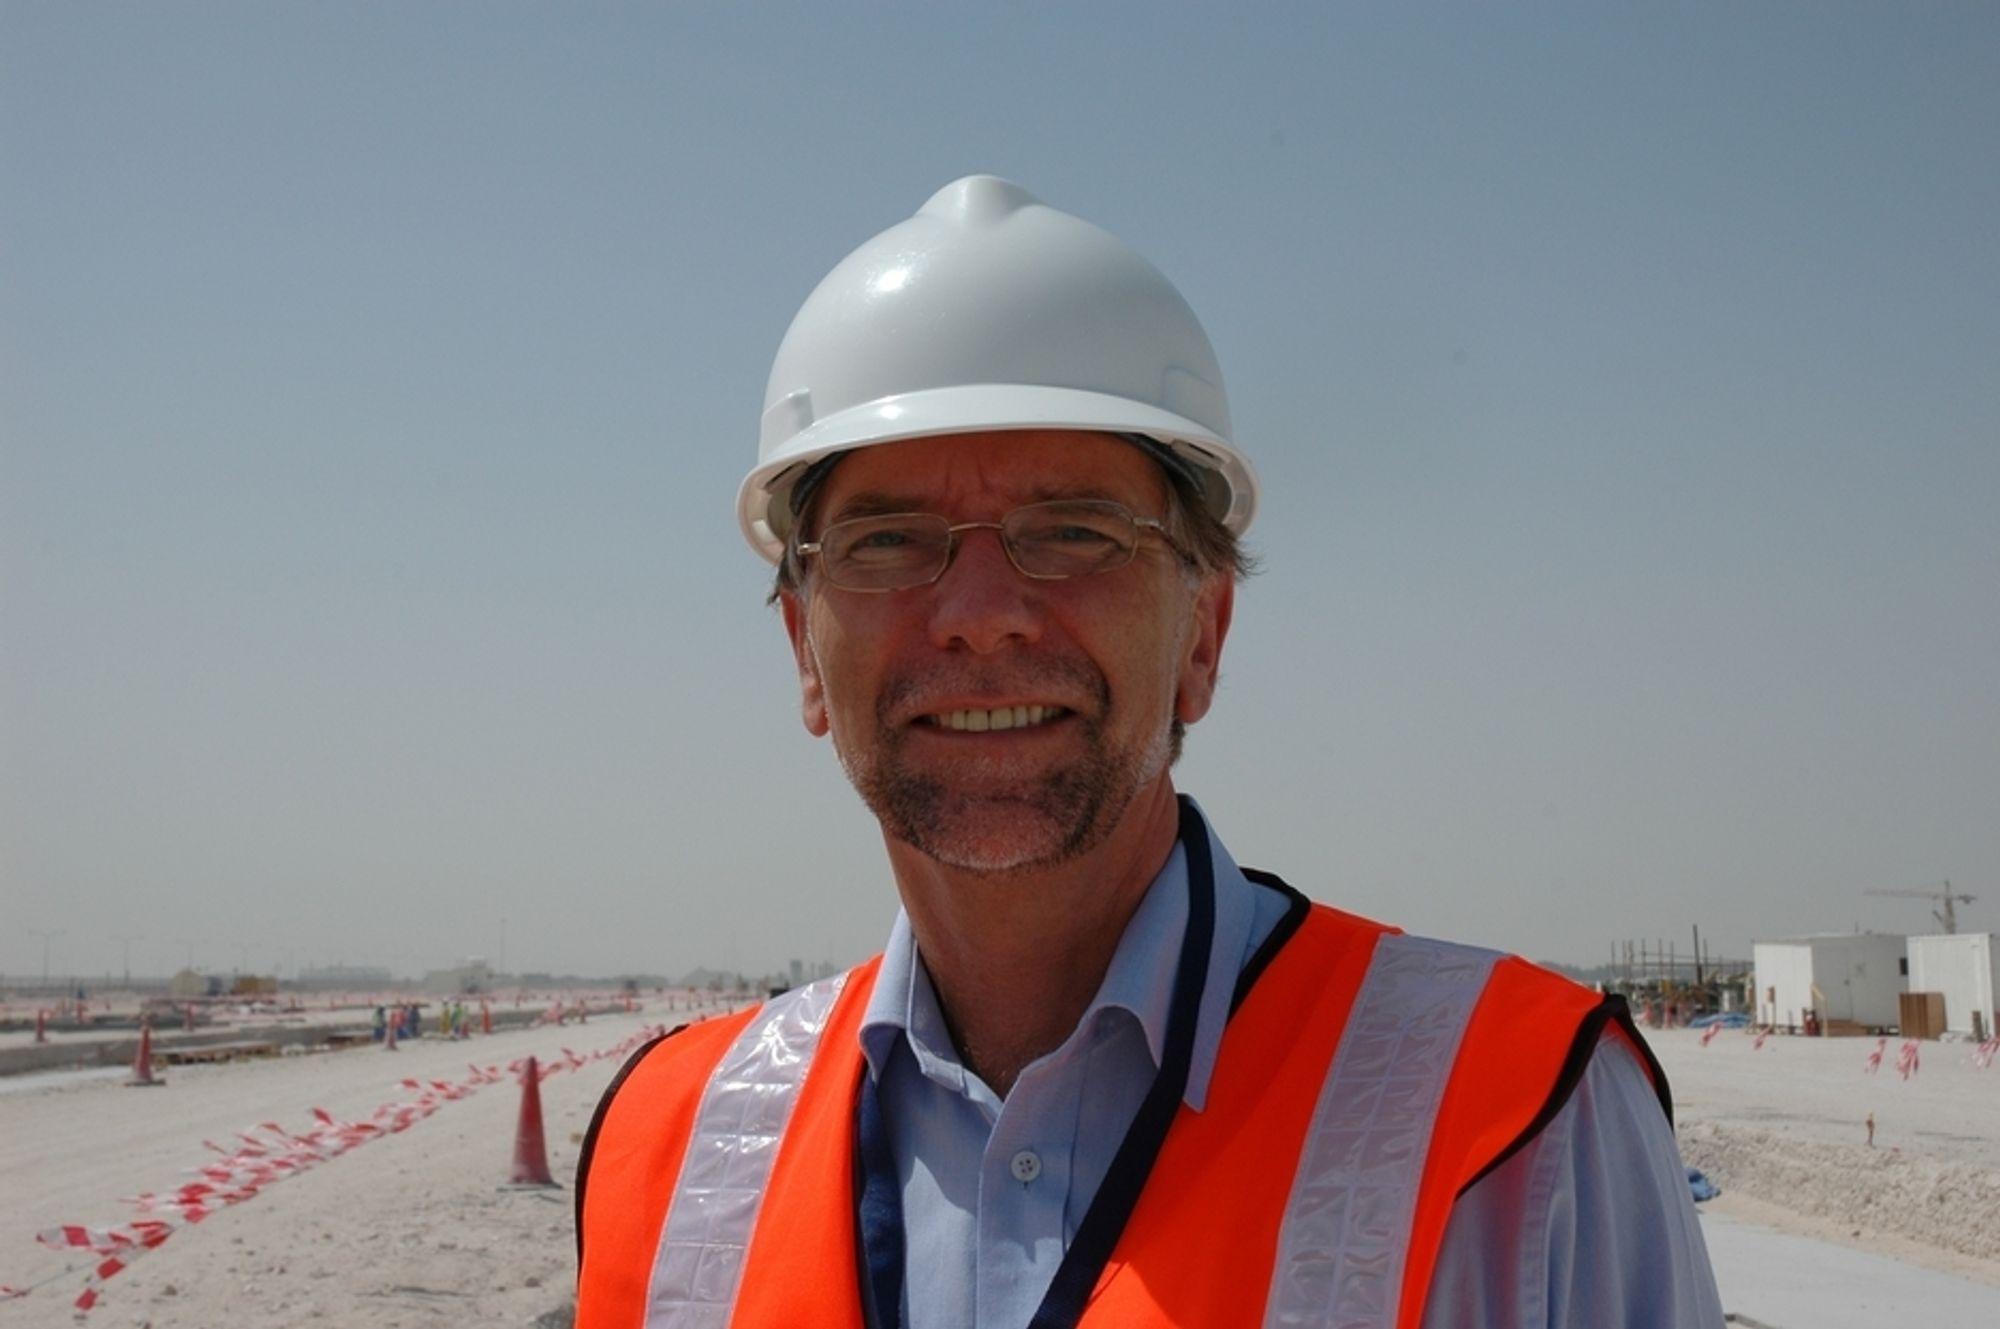 FRA ALUMINIUM TIL SVILLER: Erik Smith, som blant annet har vært prosjektdirektør for Qatalum-prosjektet i Qatar, skal lede den eksterne styringsgruppa for Follobanen og Jernbaneverket.